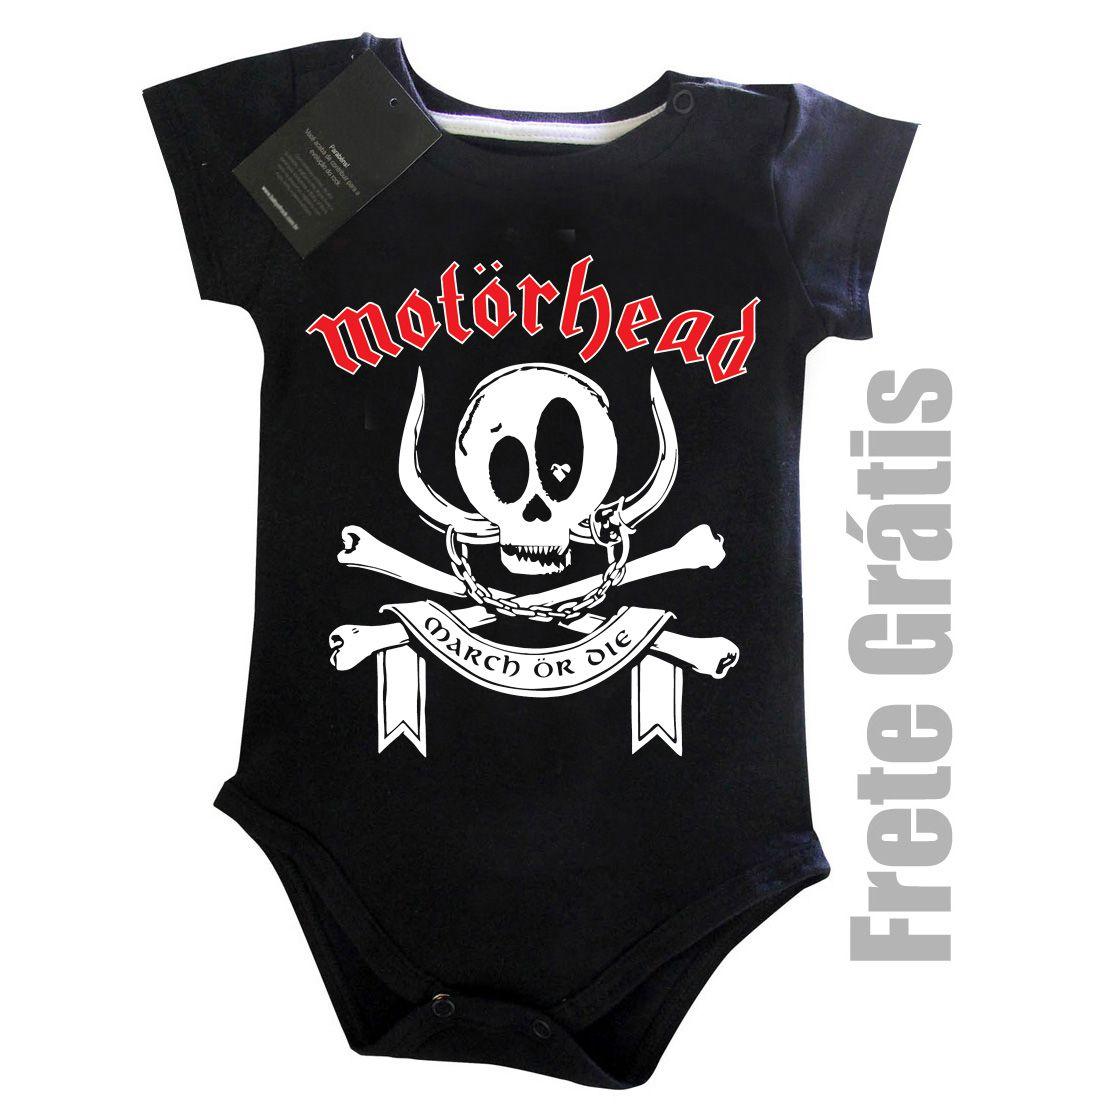 Body Bebe Rock Motorhead Black Baby Monster  - Baby Monster S/A